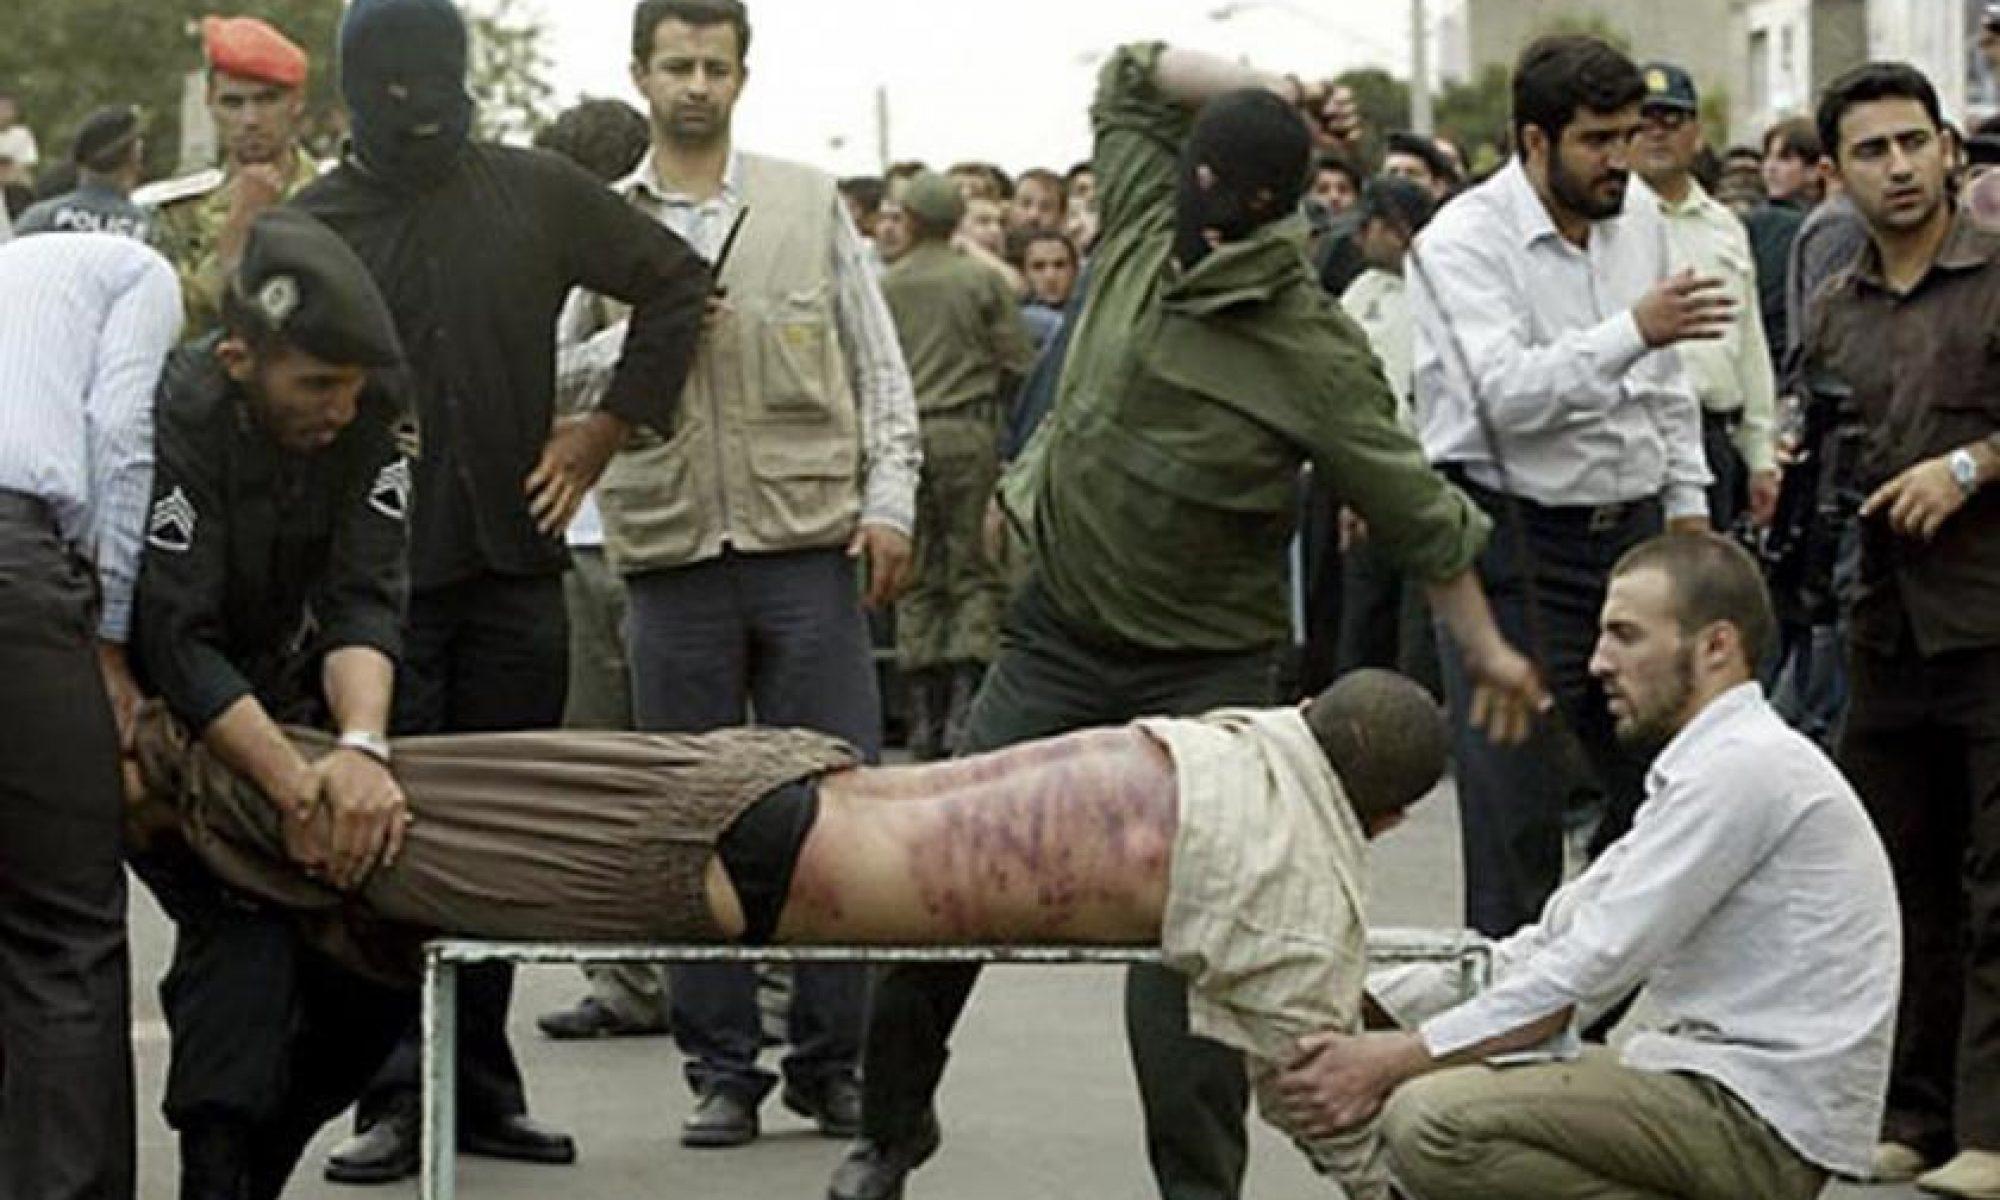 İran Mahkemesi Doğu Kürdistan'ın Bane kentinde ki insan hakları aktivistlerine 250 kırbaç cezası verdi